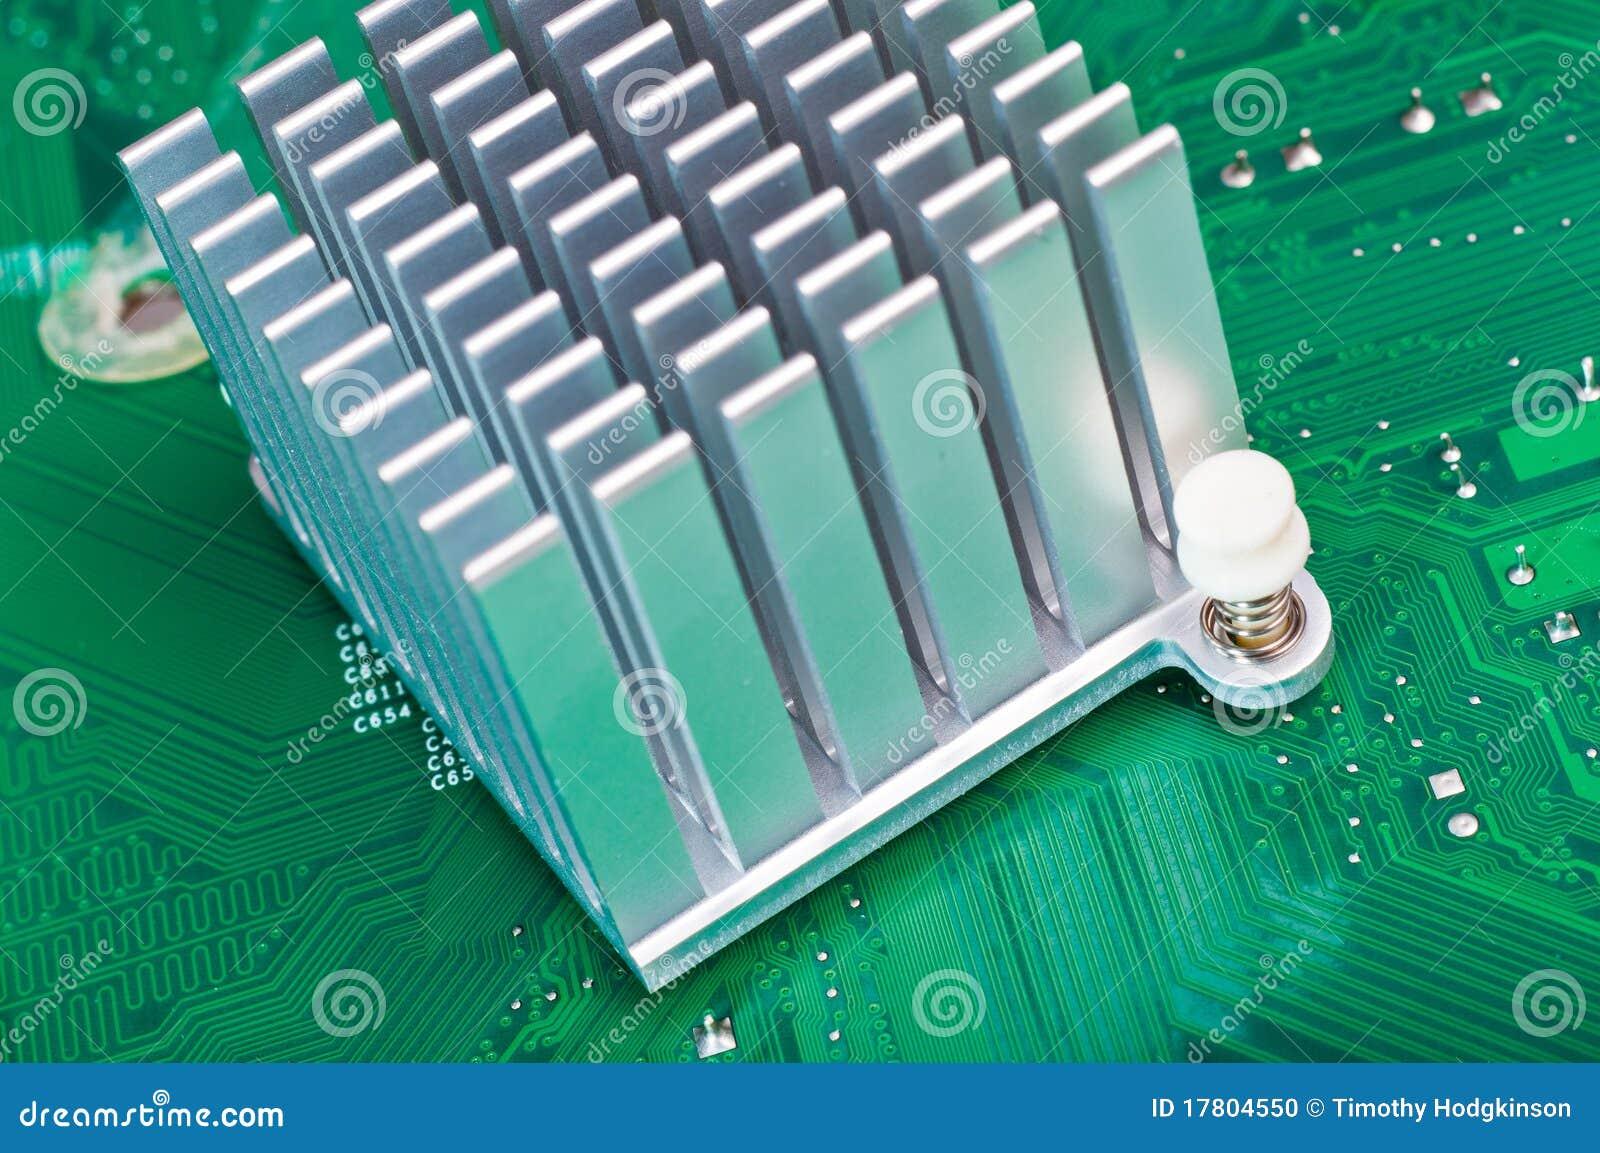 Радиаторы охлаждения для электроники алюминиевые своими руками